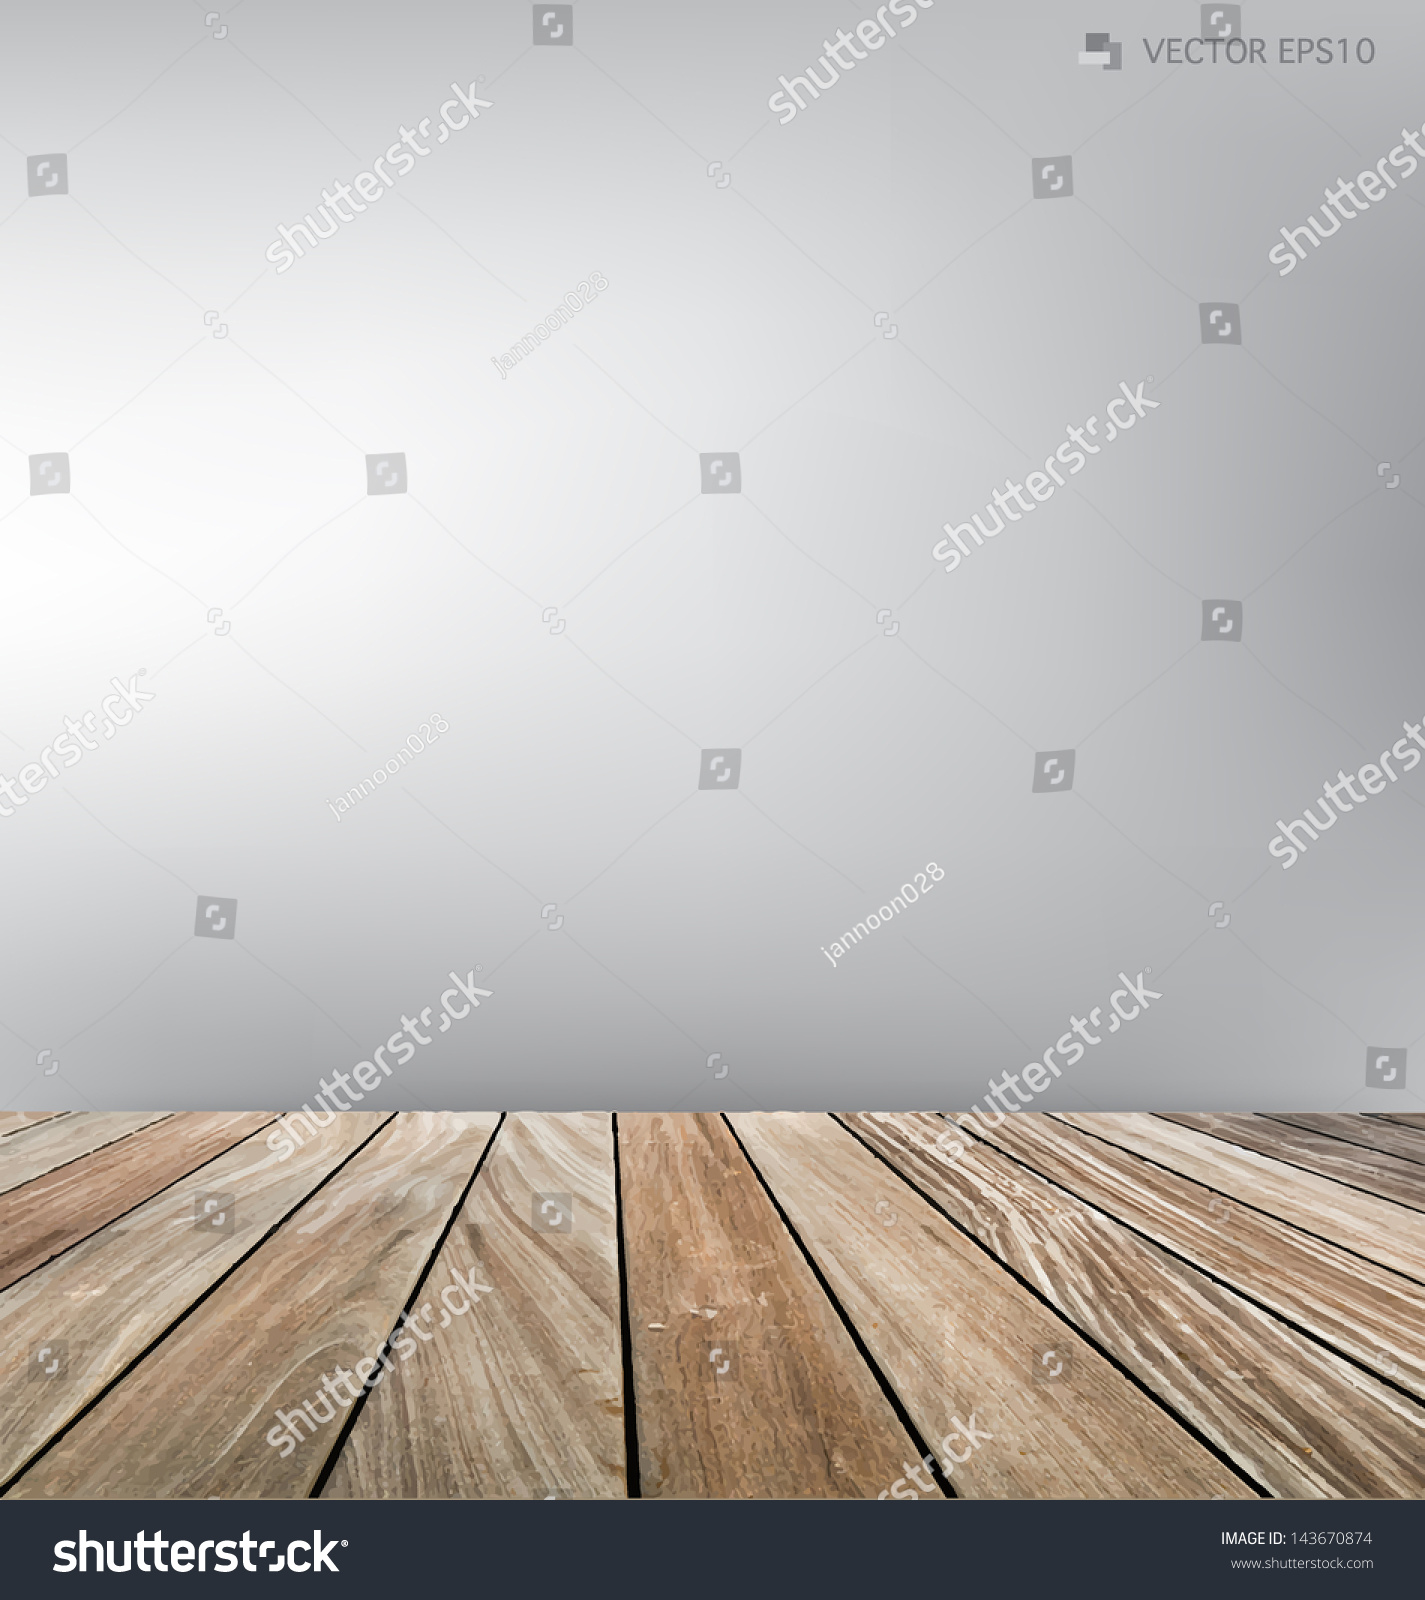 empty room and wood floor vector